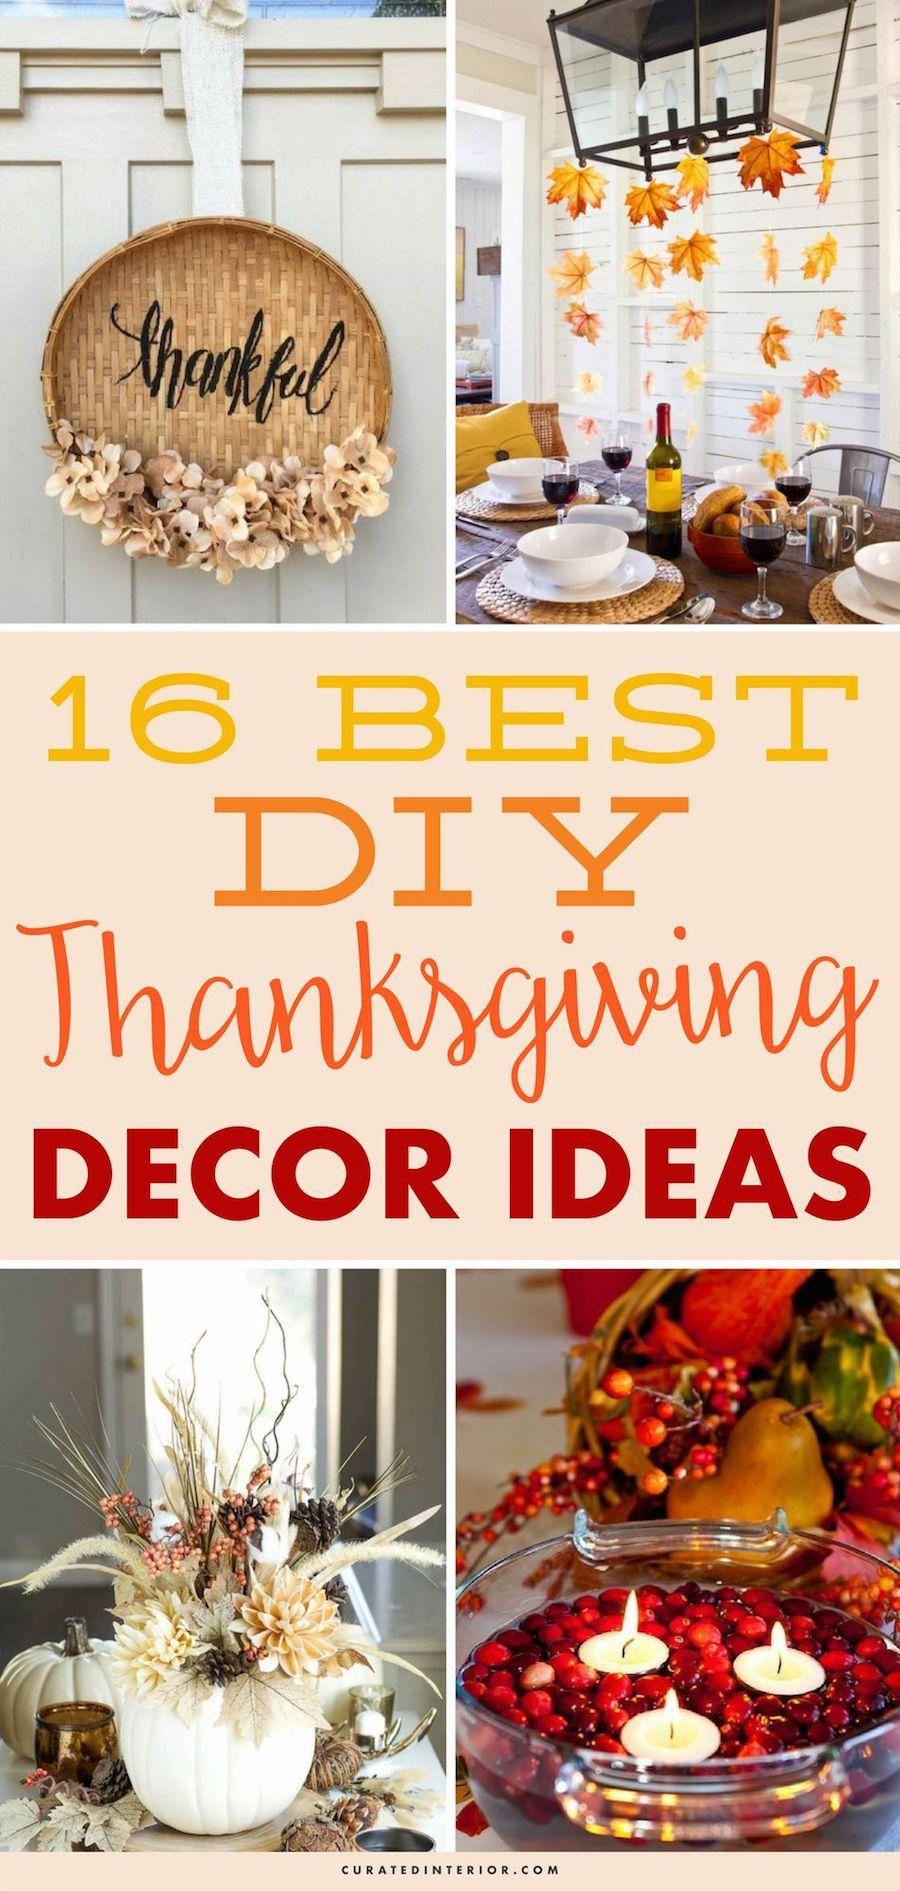 16 Creative Diy Thanksgiving Decor Ideas Thanksgiving Decor Ideas